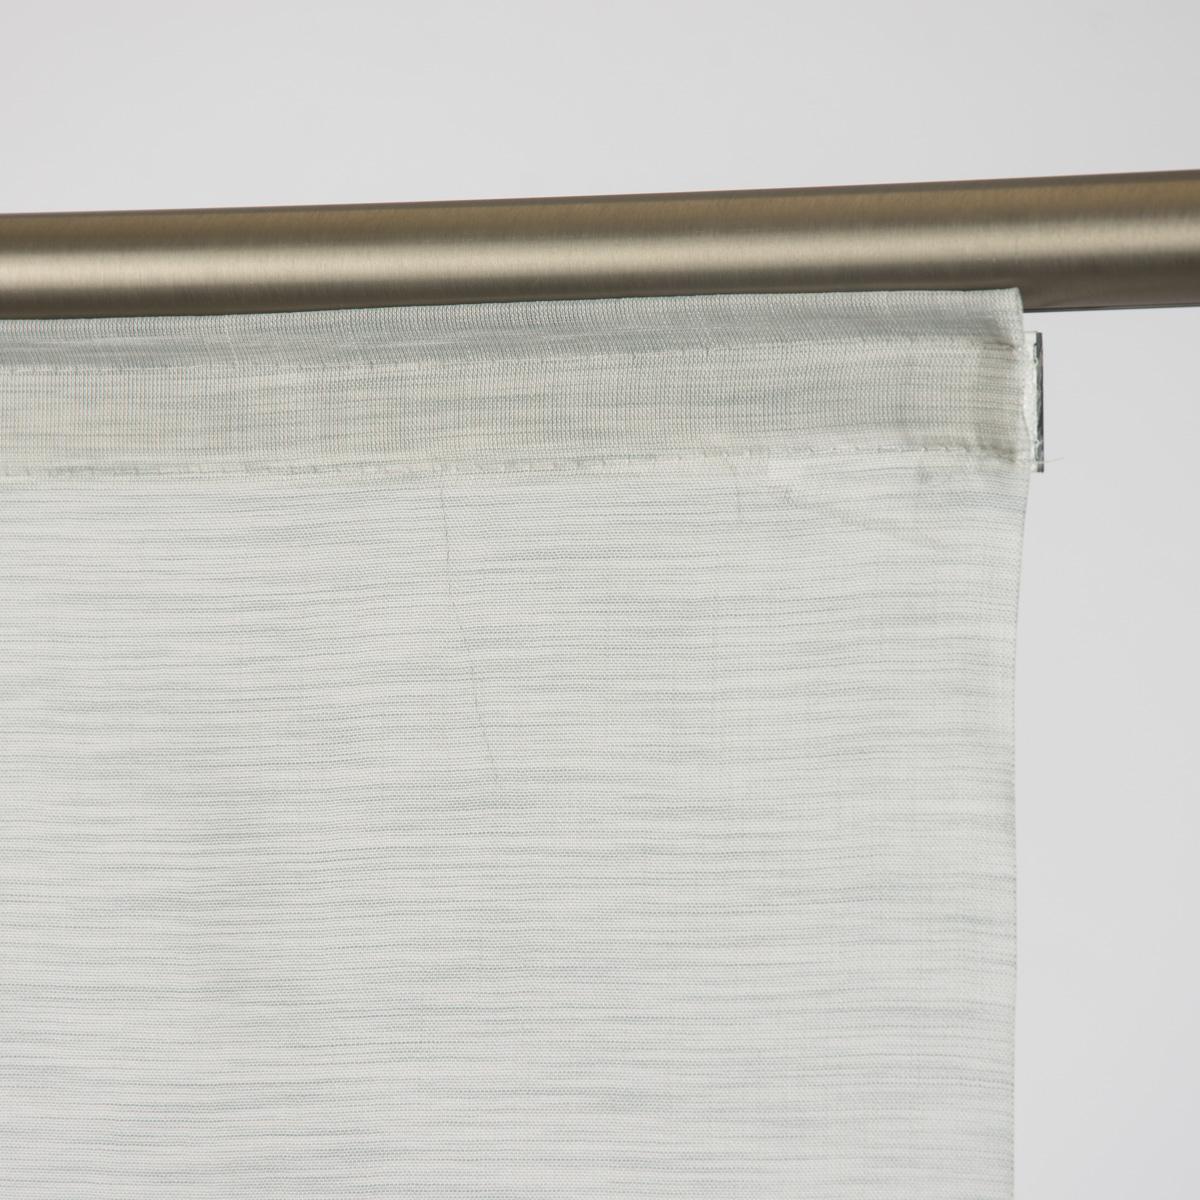 Schiebevorhang fl chenvorhang allure meliert grau 245x60cm for Inspirationen badezimmer in grau